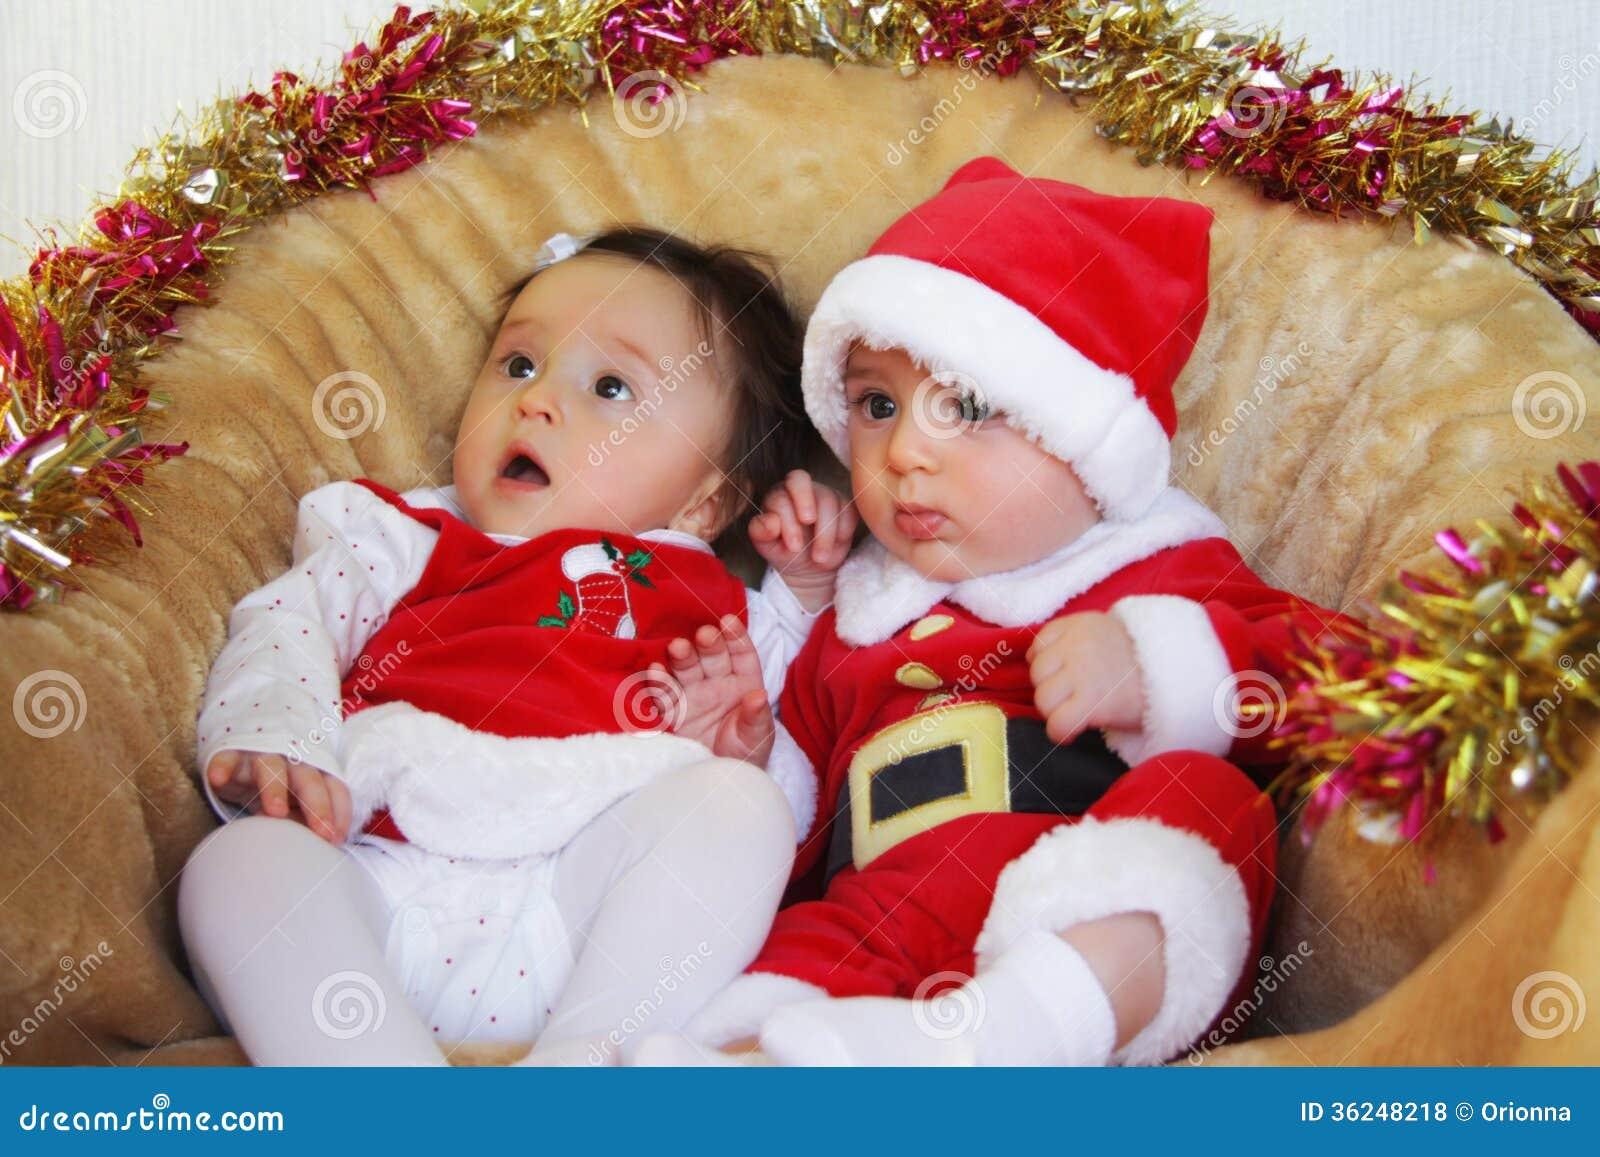 Immagini di bambini divertenti ry07 regardsdefemmes - Foto di bambini piccoli ...